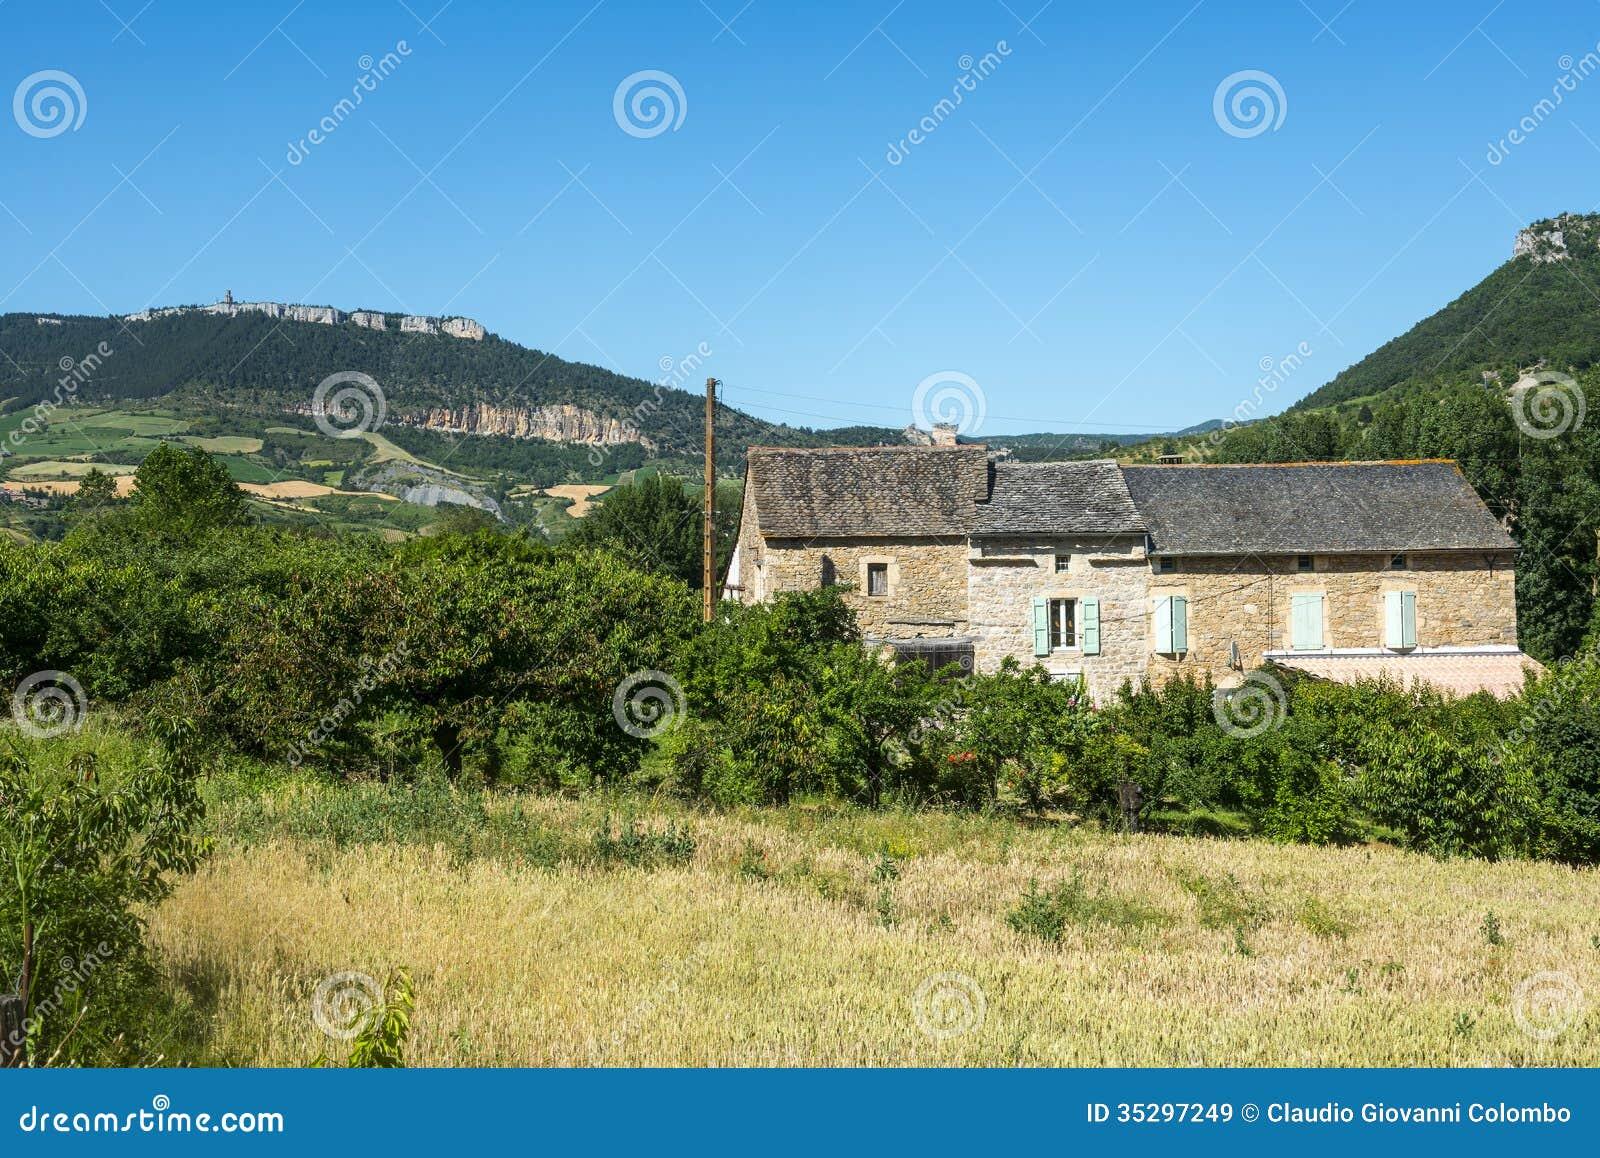 Maison de campagne dans la vall e du tarn images libres de for La maison de campagne